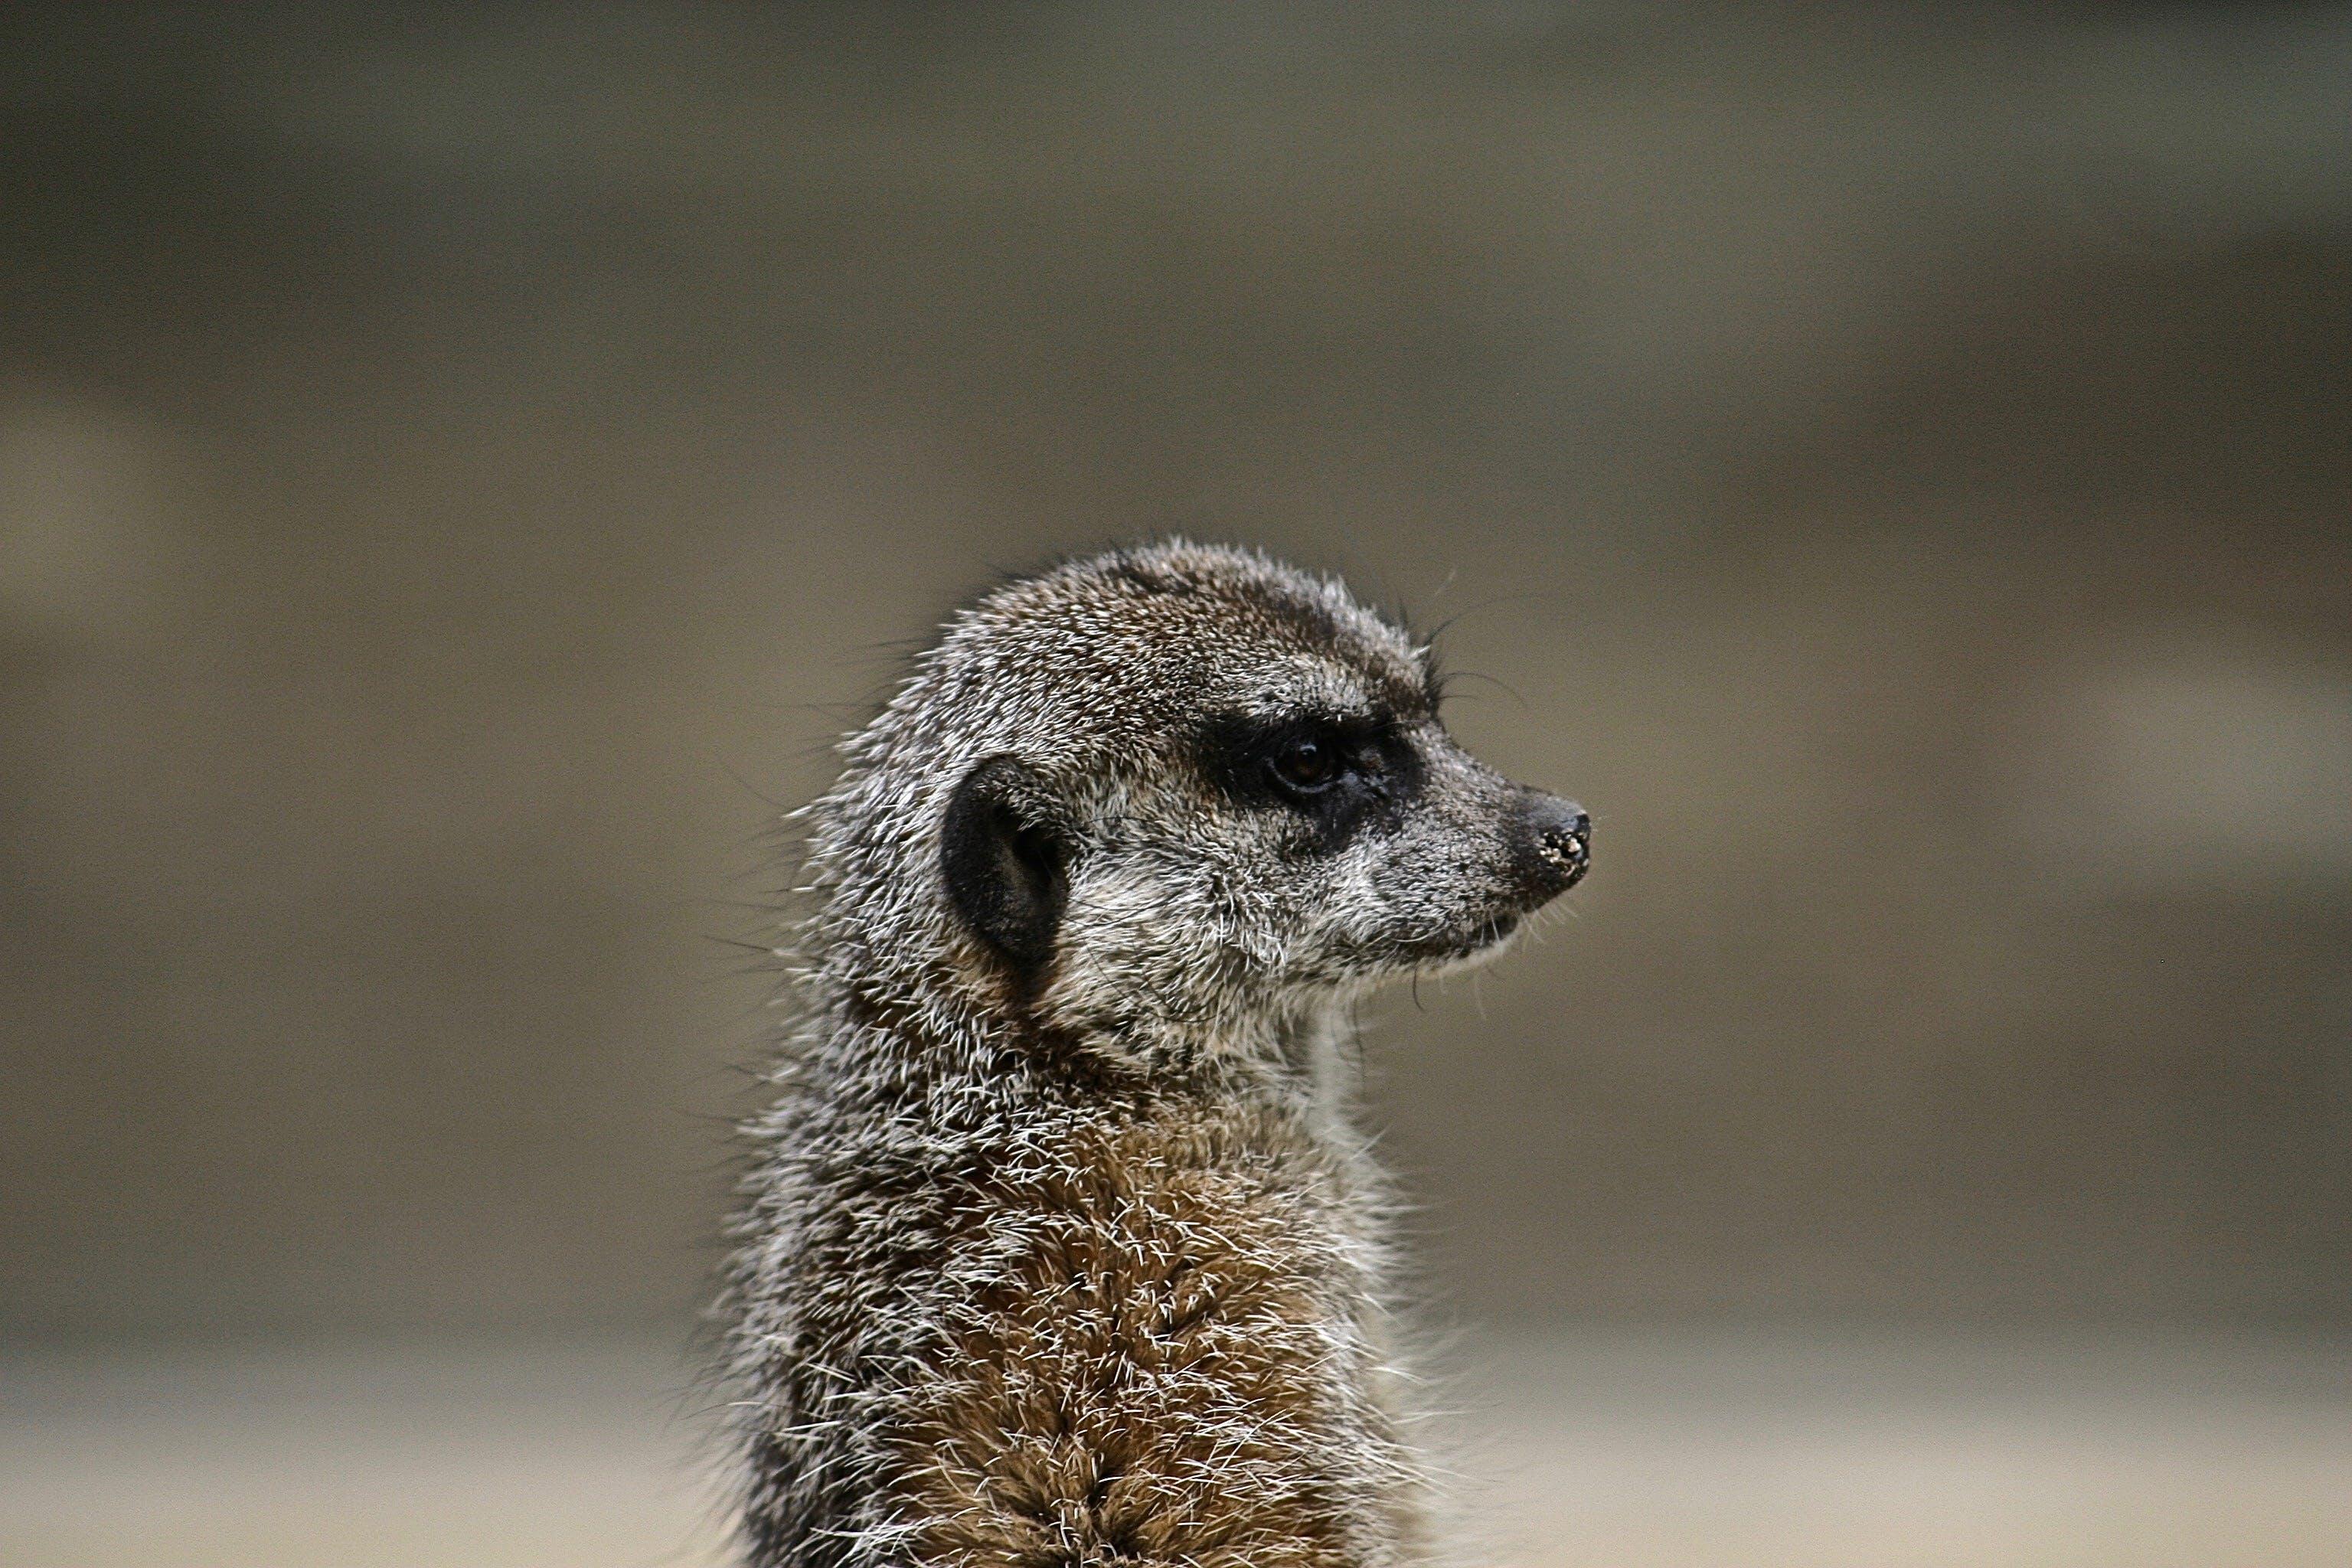 Základová fotografie zdarma na téma fotografování zvířat, makro, roztomilý, surikata